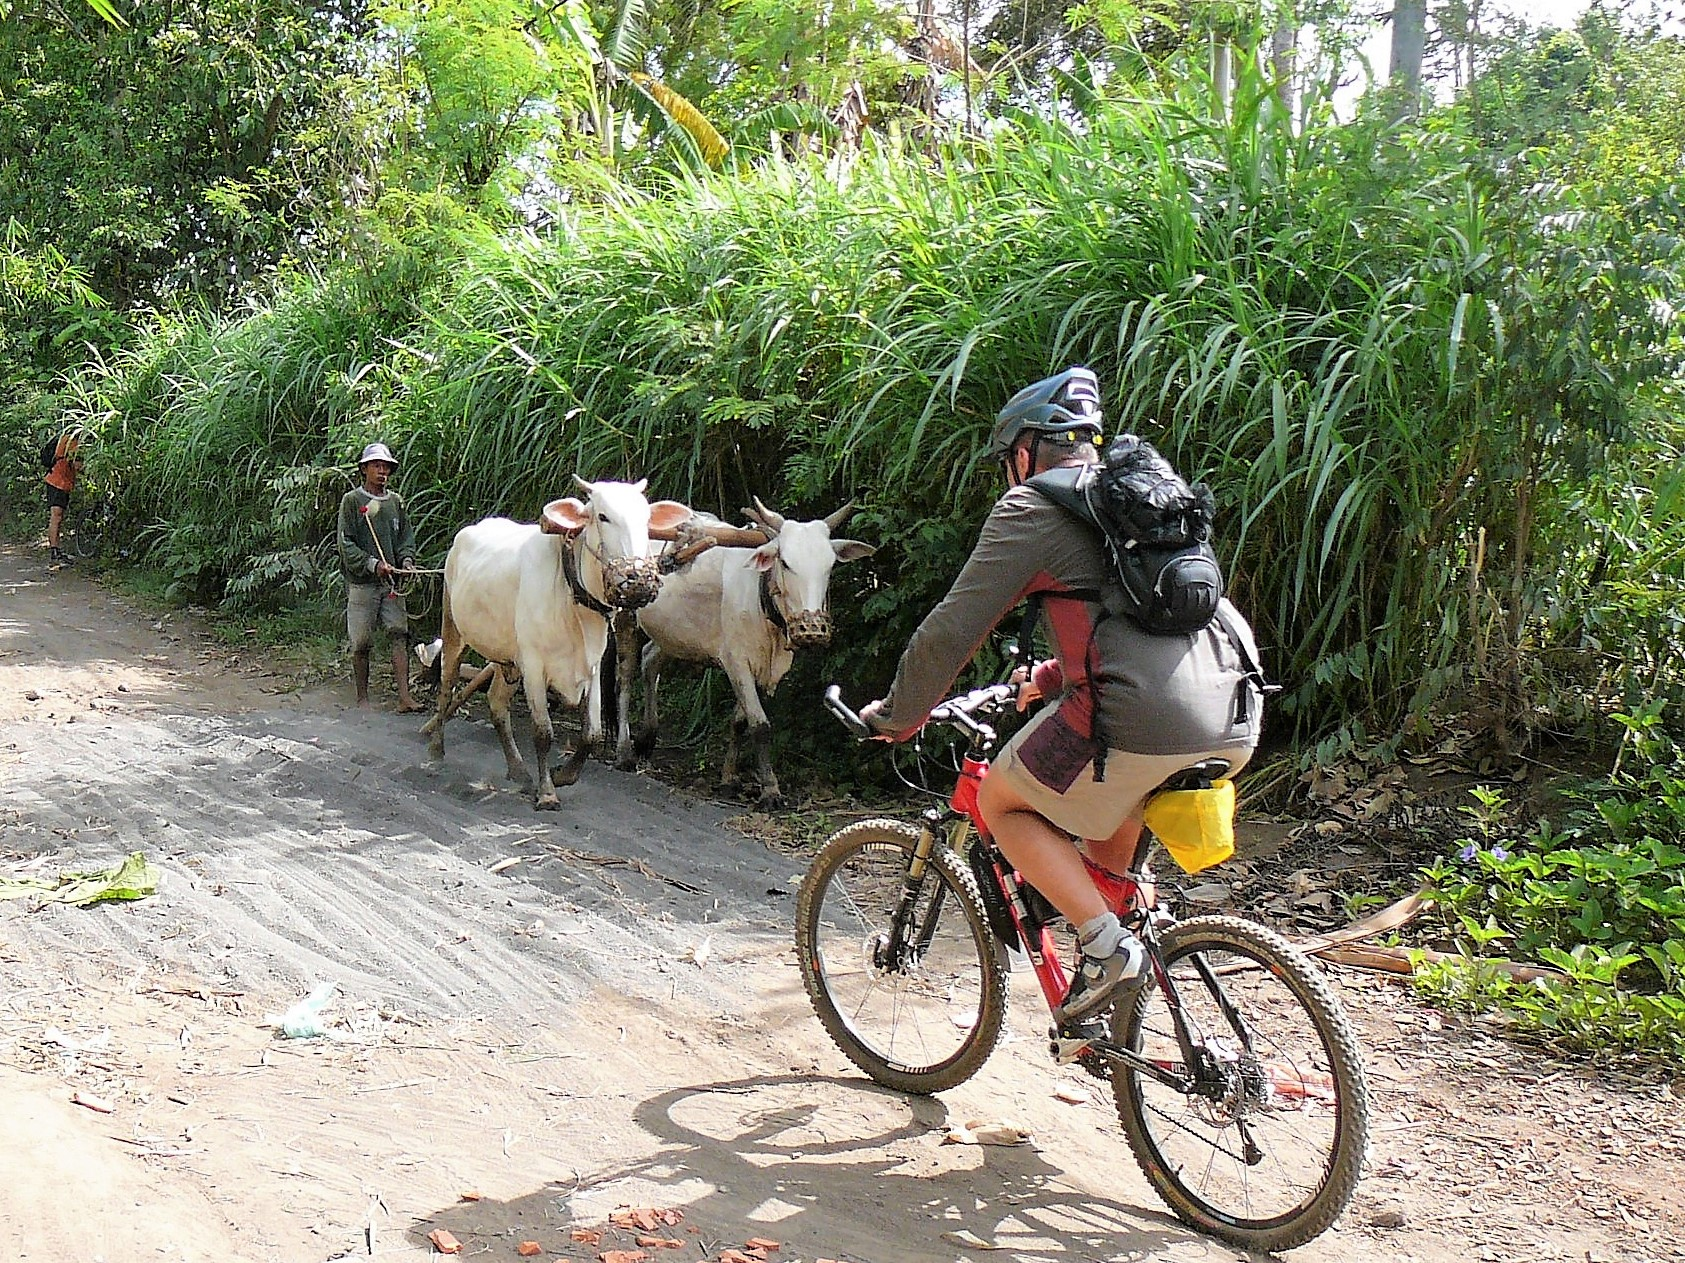 Rencontrer la culture et les pratiques locales indonésiennes à vélo avec Archipelago Adventure